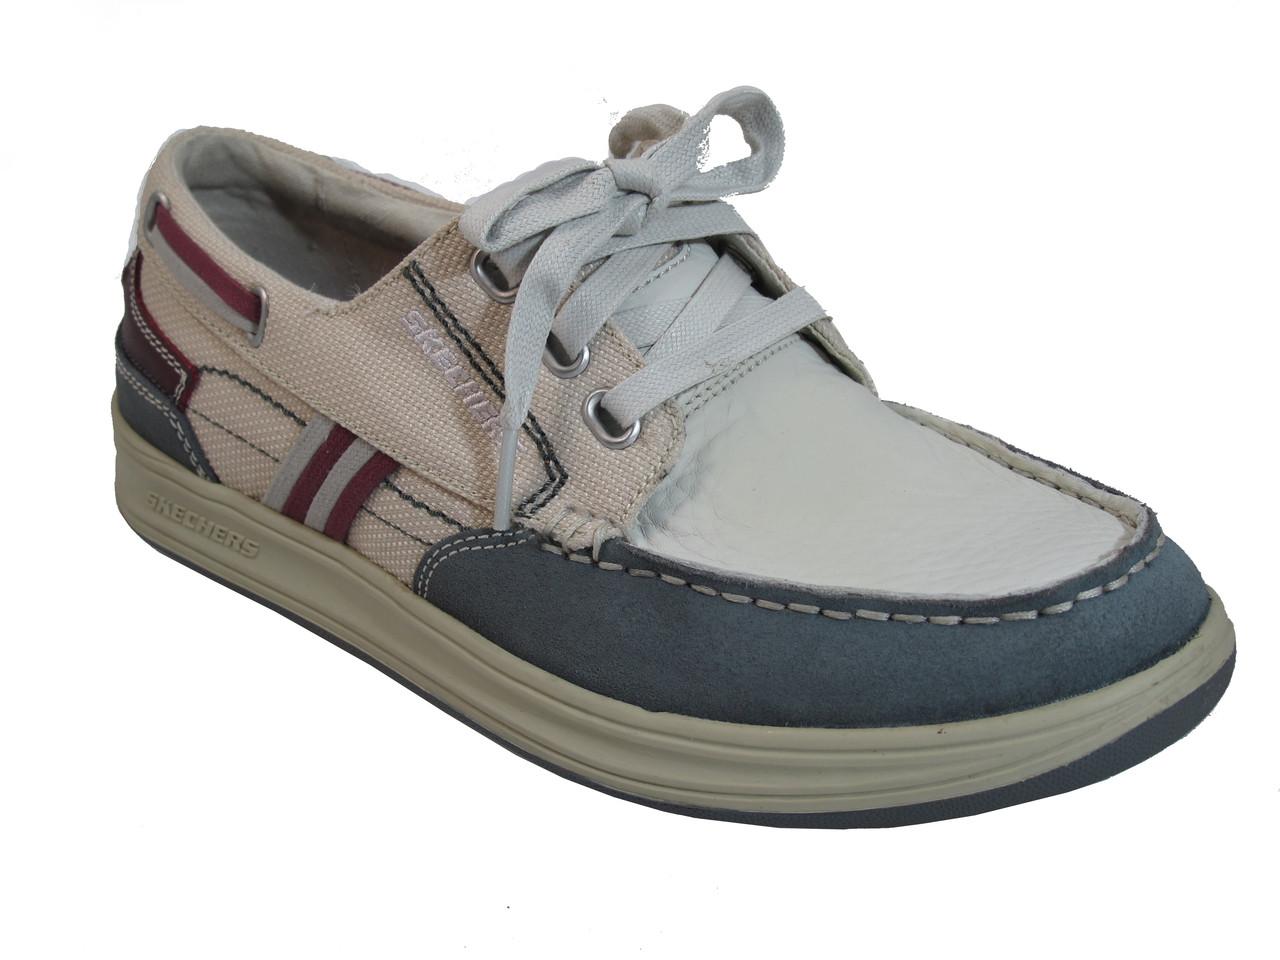 skechers boat shoes